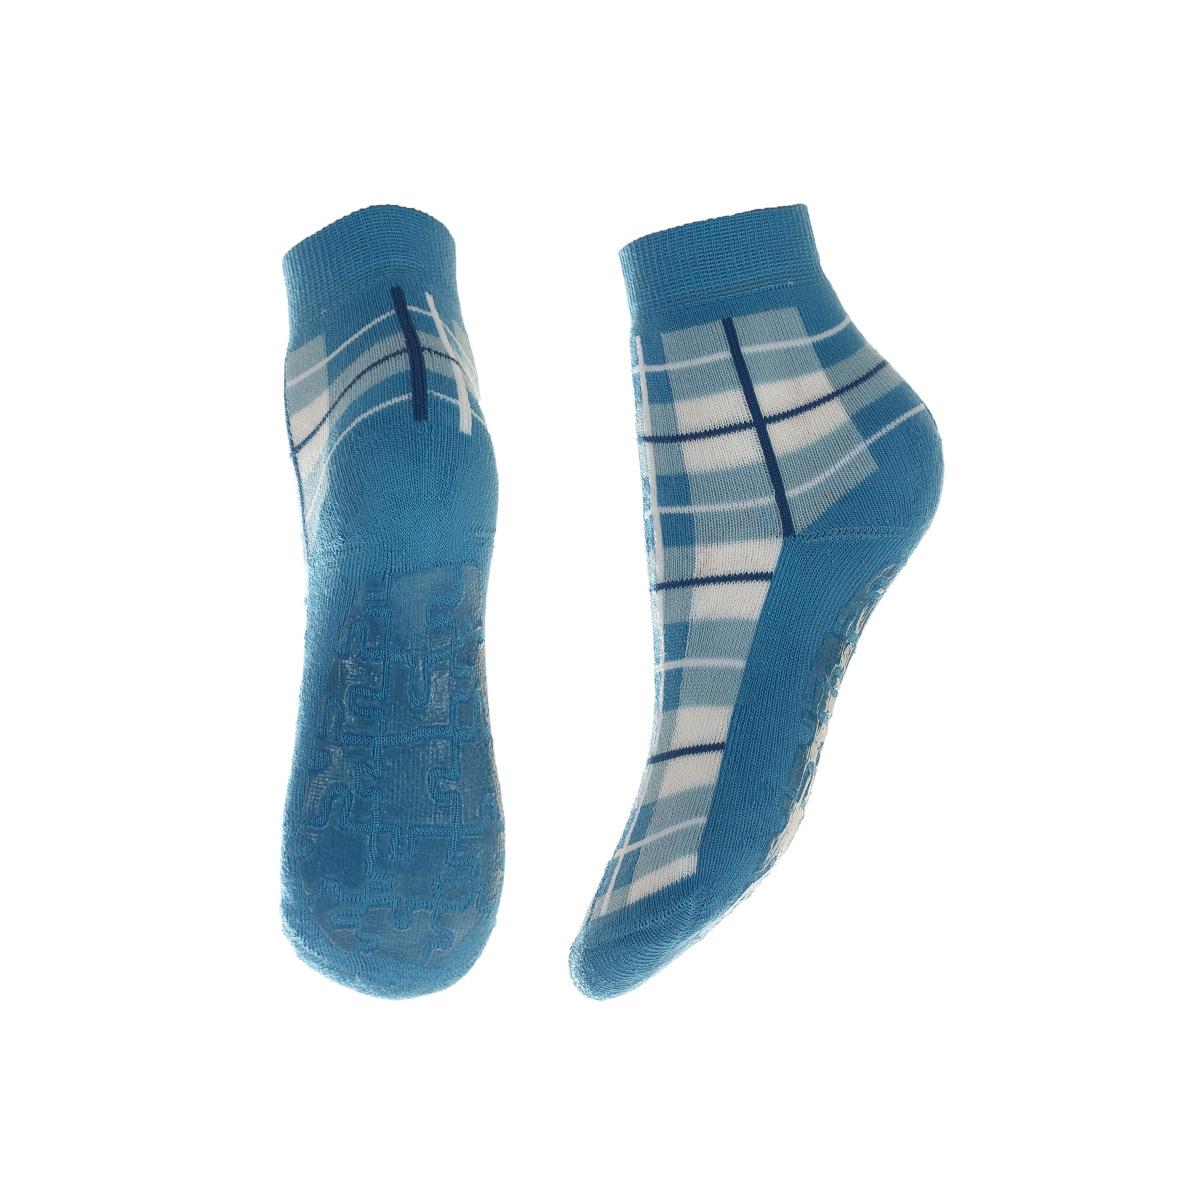 НоскиSOFTIKI11910-234Удобные носки с антискользящим эффектом Conte-Kids Sof-Tiki, изготовленные из высококачественного комбинированного материала, очень мягкие и приятные на ощупь, позволяют коже дышать. Эластичная резинка плотно облегает ногу, не сдавливая ее, обеспечивая комфорт и удобство. Удобные и комфортные носки великолепно подойдут к любой обуви.